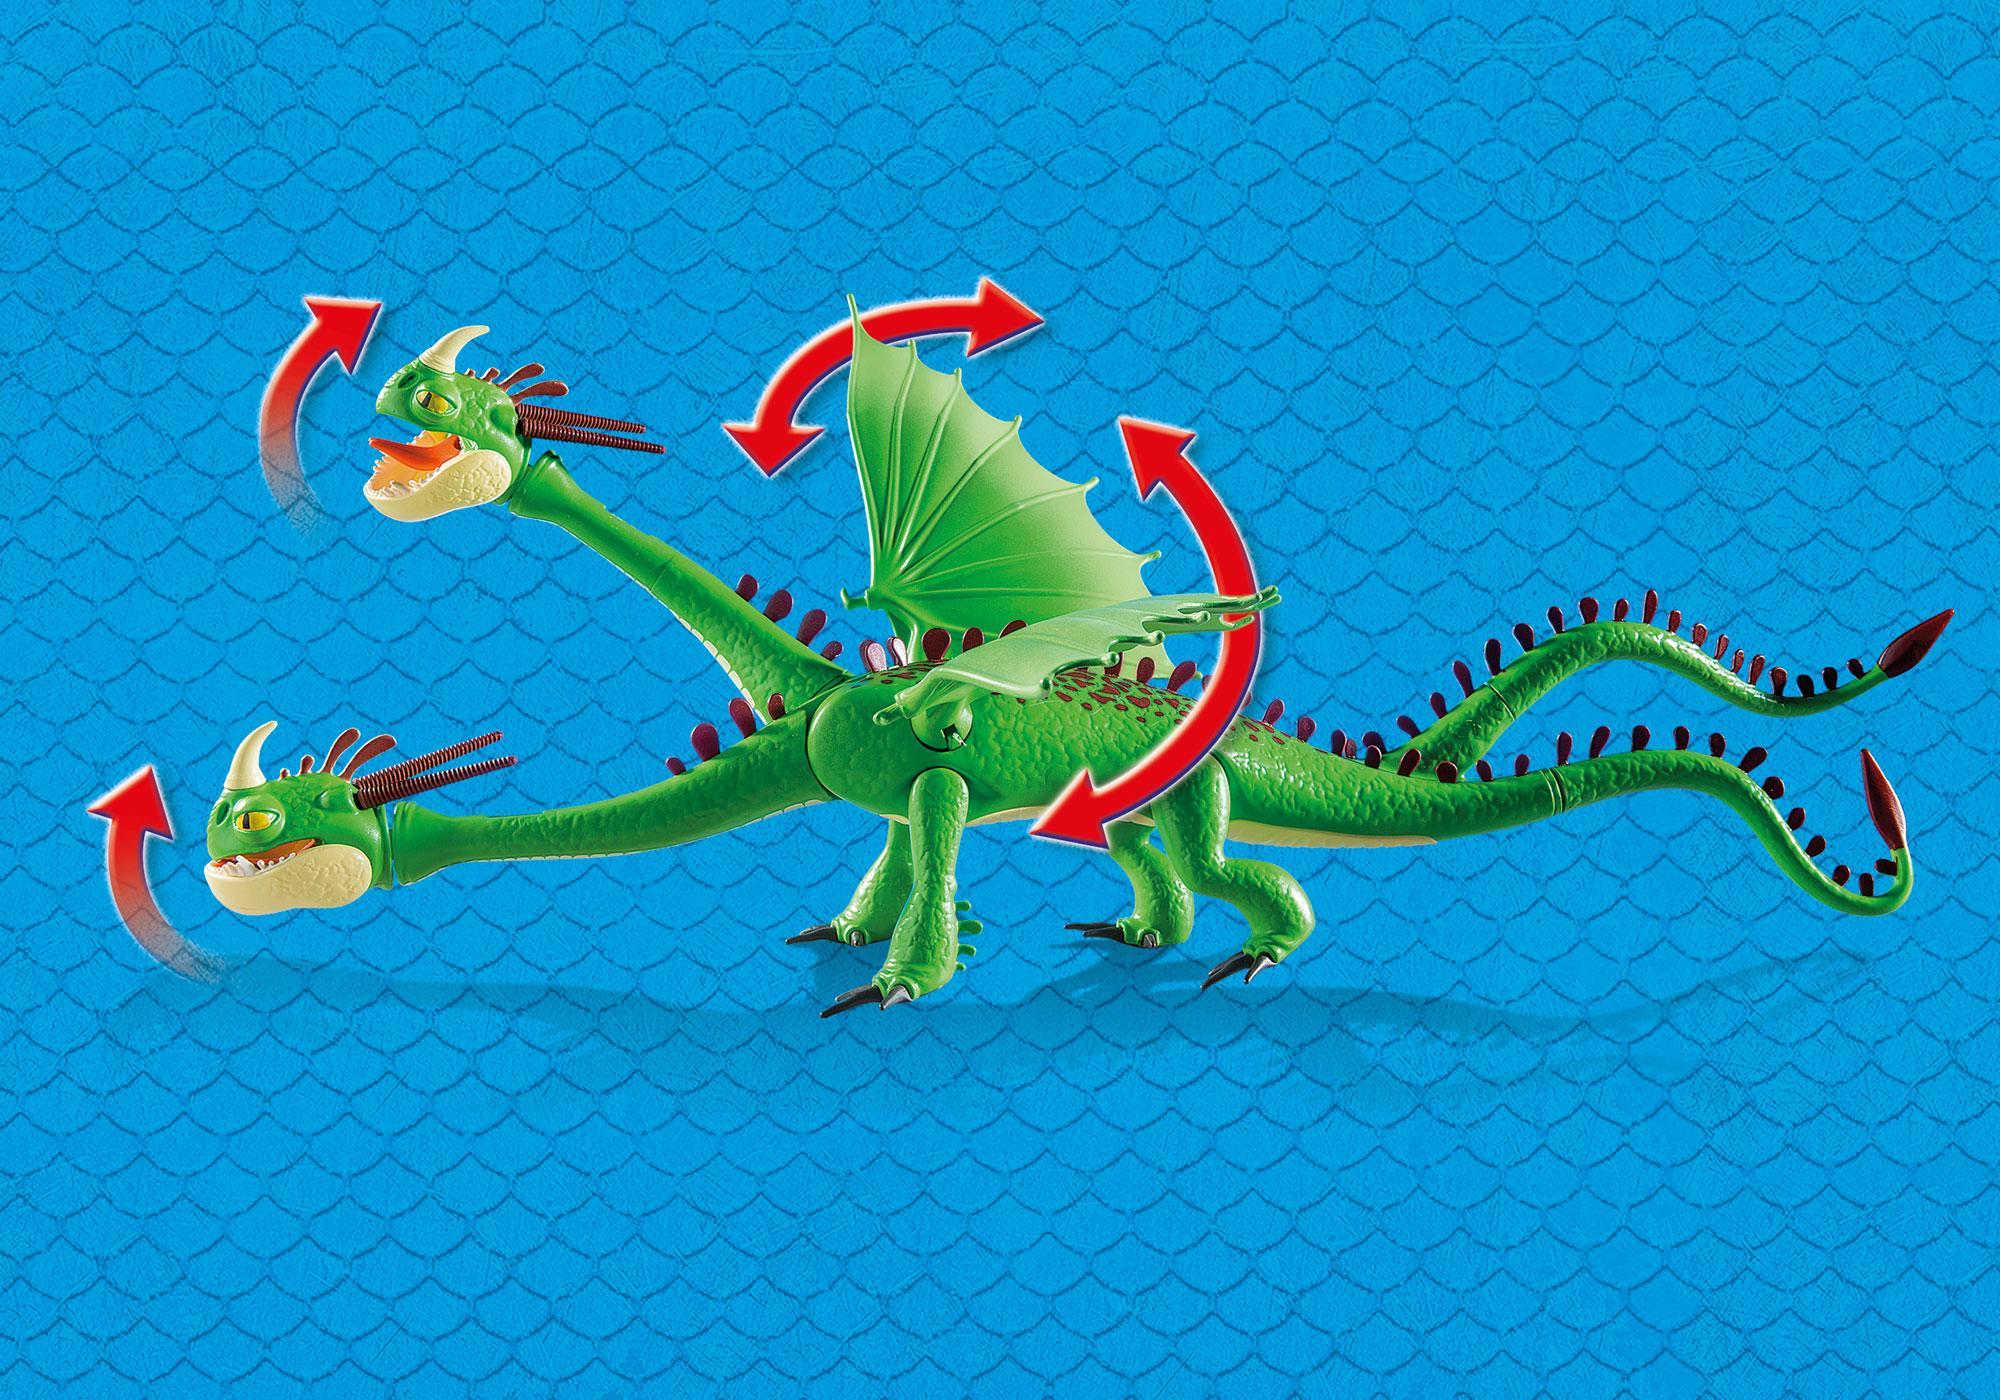 http://media.playmobil.com/i/playmobil/9458_product_extra1/Brokdol & Knokdol met Burp & Braak